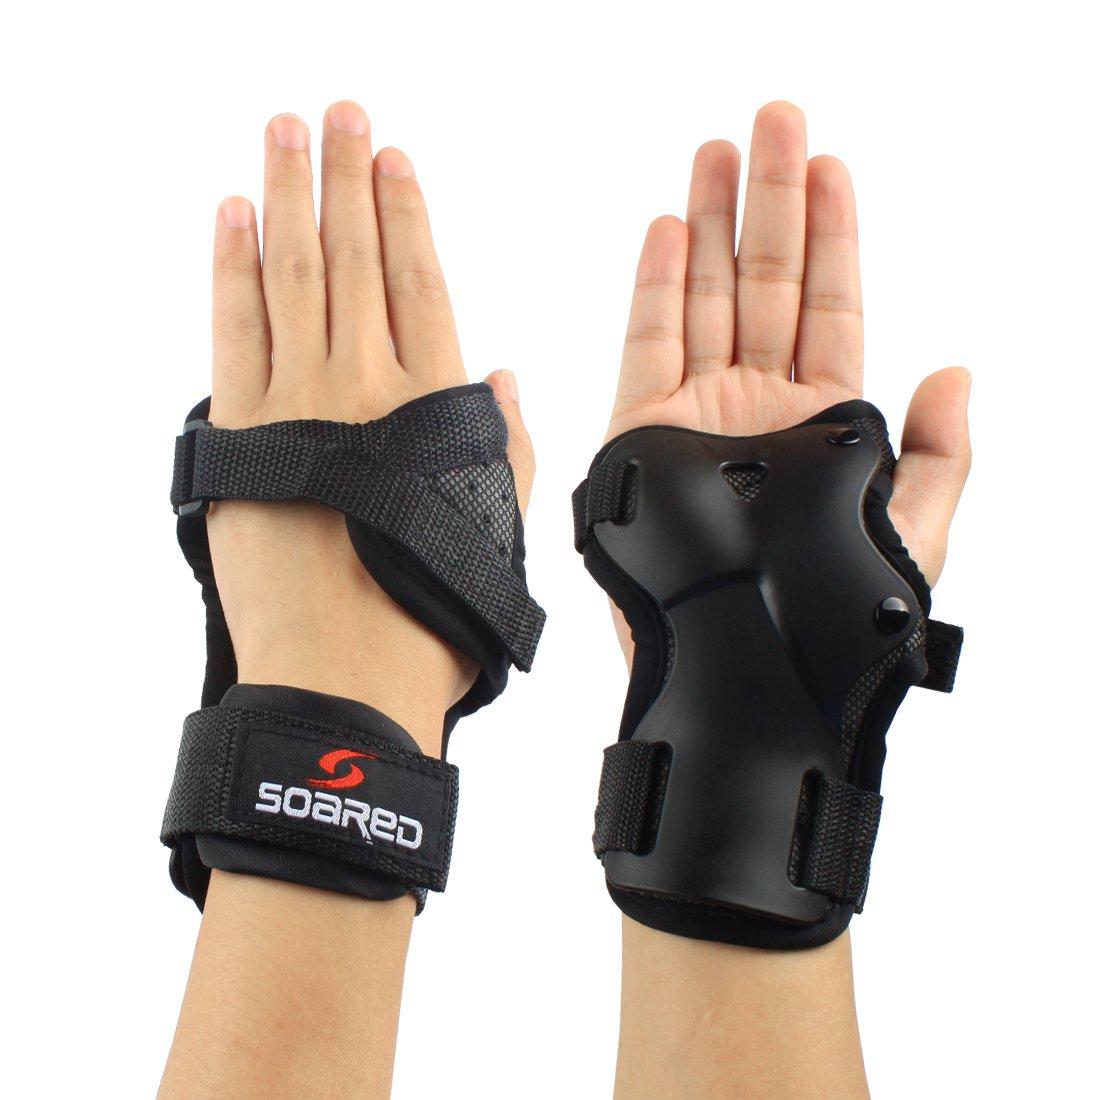 Andux Ski Gloves Wrist Palms Protection Roller Skating Hard Gauntlets Adjustable HXHW-05 (L (9.5-11cm))